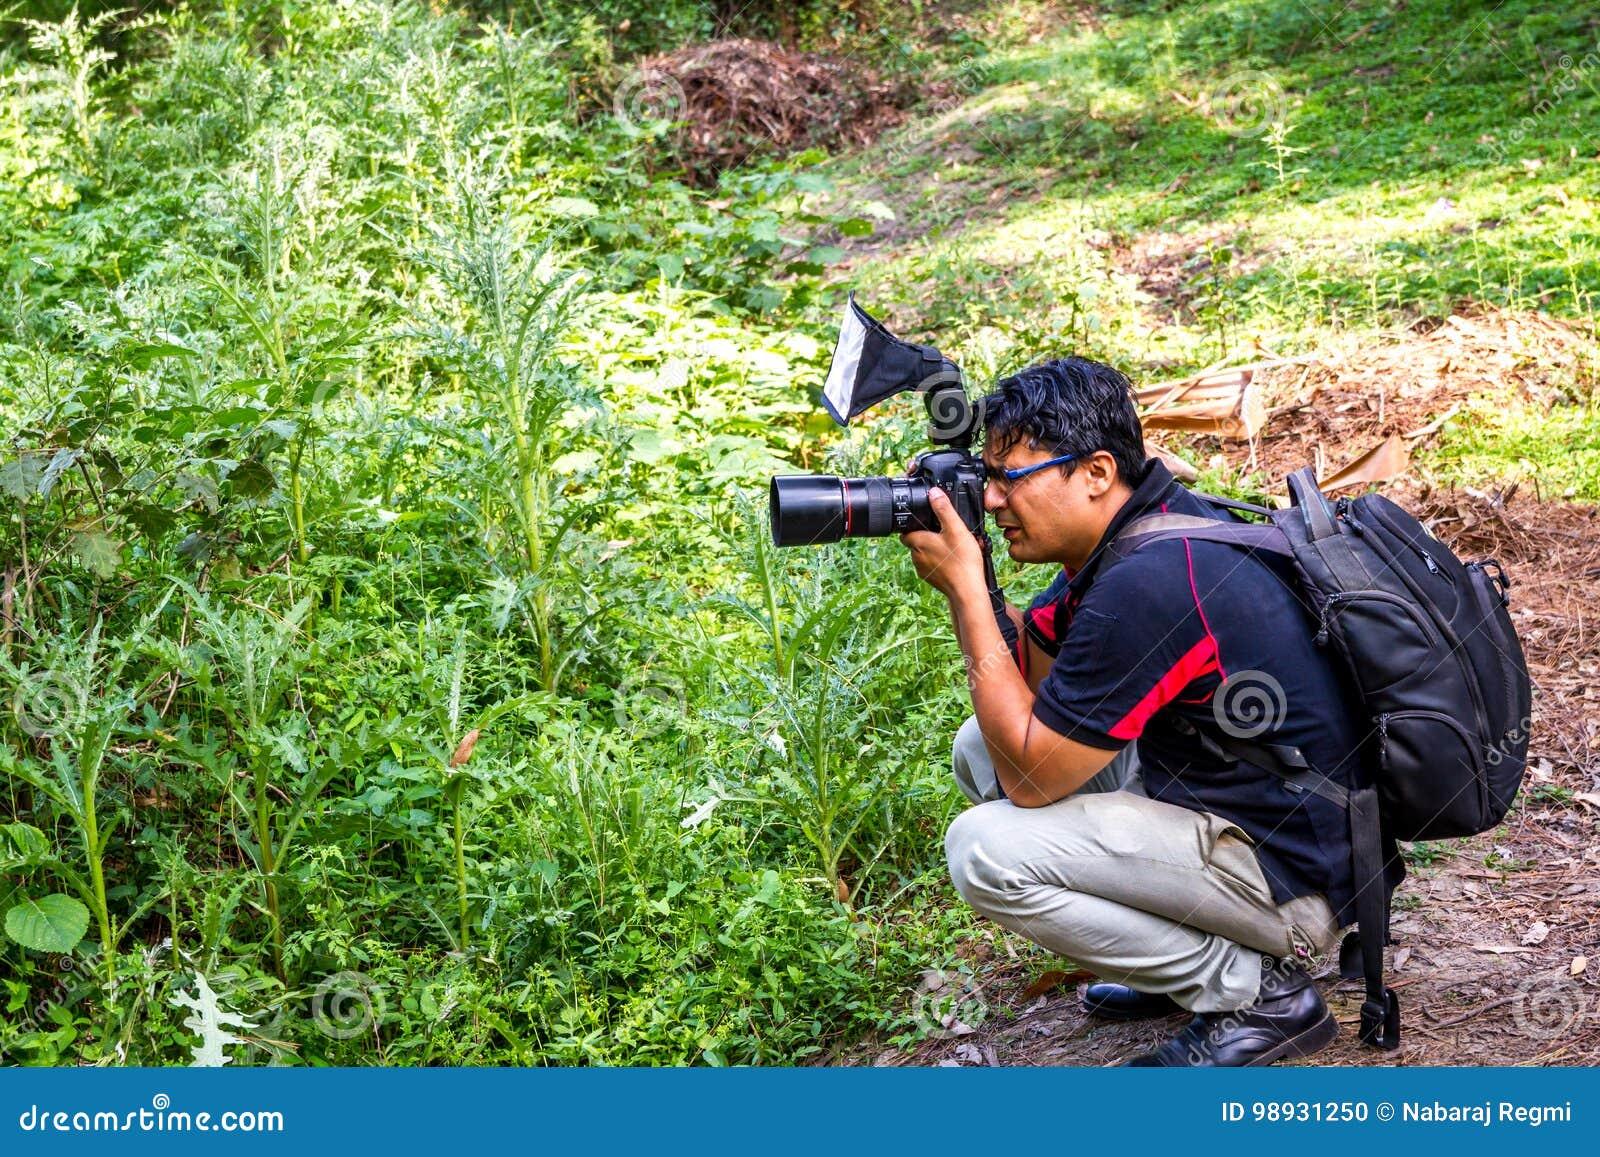 Photographe fou